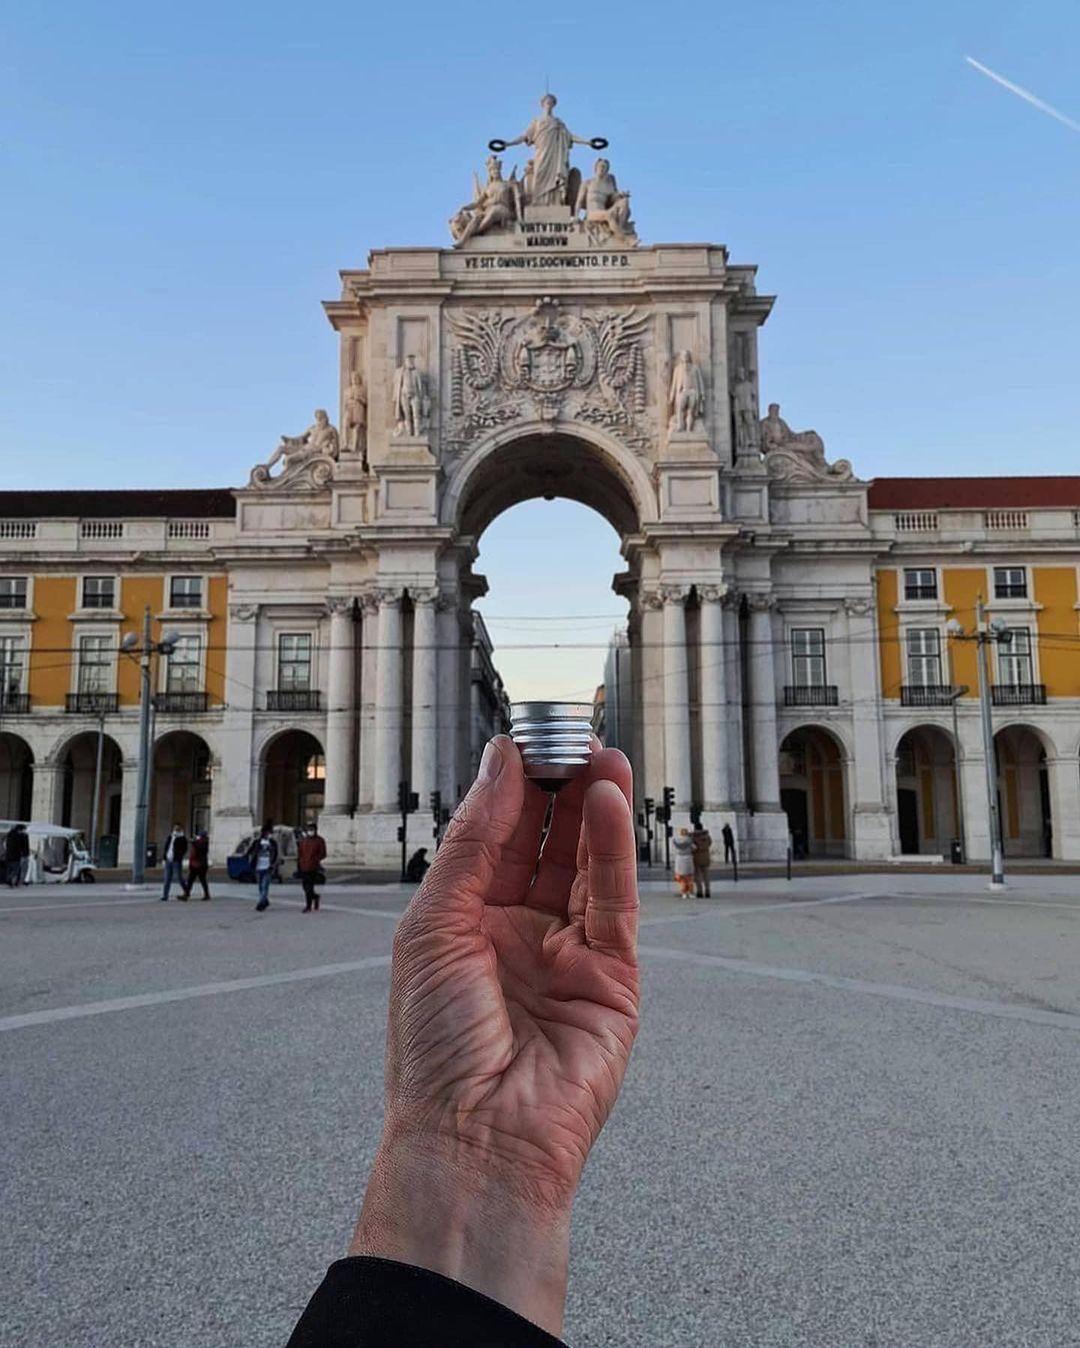 Praca do Comercio là quảng trường tráng lệ nhất tại Lisbon, Bồ Đào Nha. Ba mặt của quảng trường được bao quanh bởi các toà nhà màu vàng theo phong cách kiến trúc Pombaline, mặt phía nam hướng ra cửa sông Tejo. Từ đây là Khải hoàn môn Rua Augusta, dẫn vào trung tâm thành phố. Hugo đã biến cánh cổng thành một bóng đèn dây tóc.